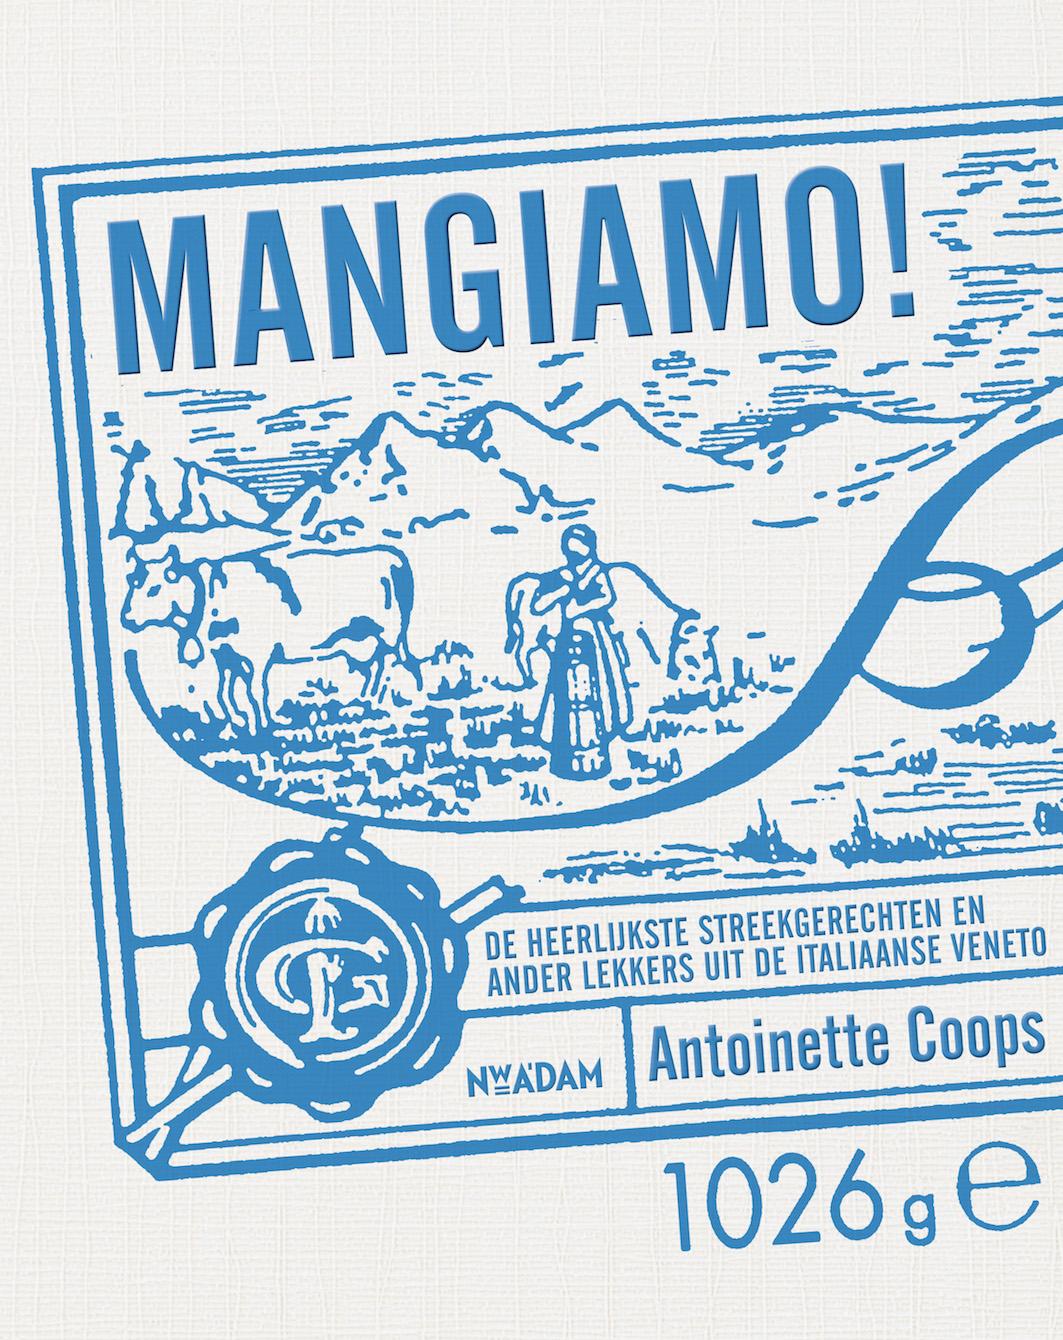 Italiaans kookboeken - Mangiamo! van Antoinette Coops